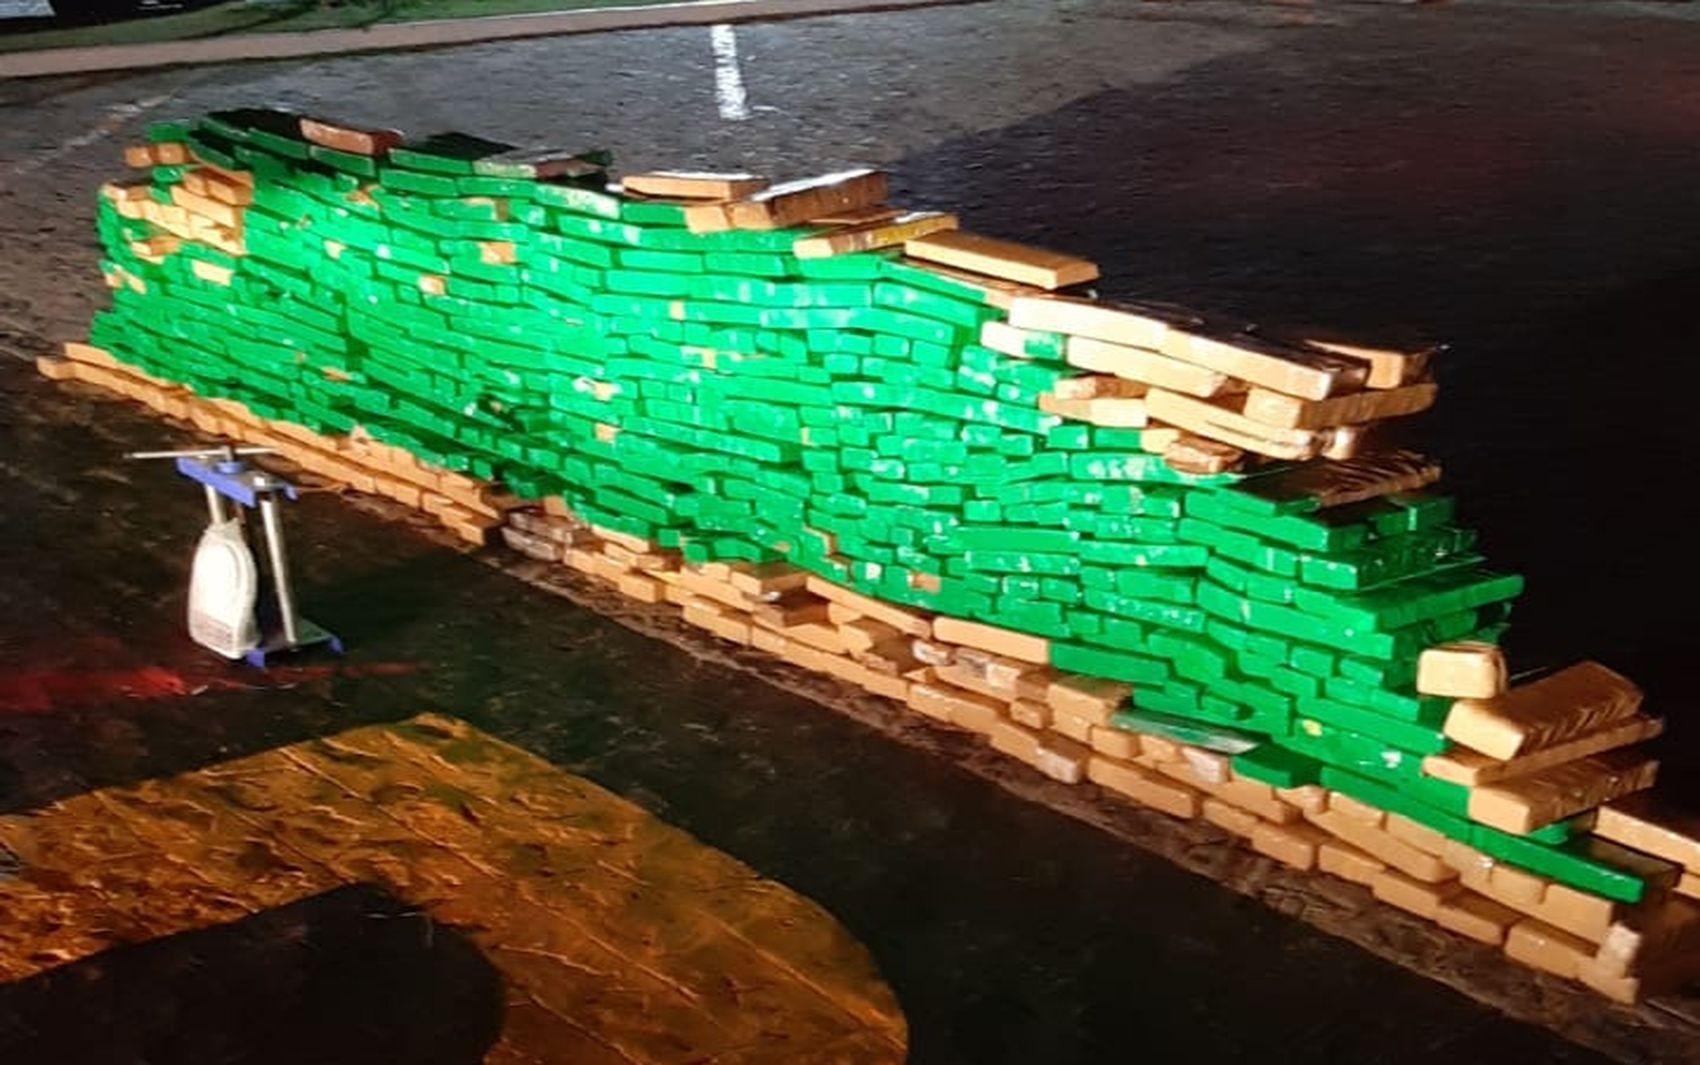 Polícia apreende meia tonelada de maconha em caminhão em Sergipe